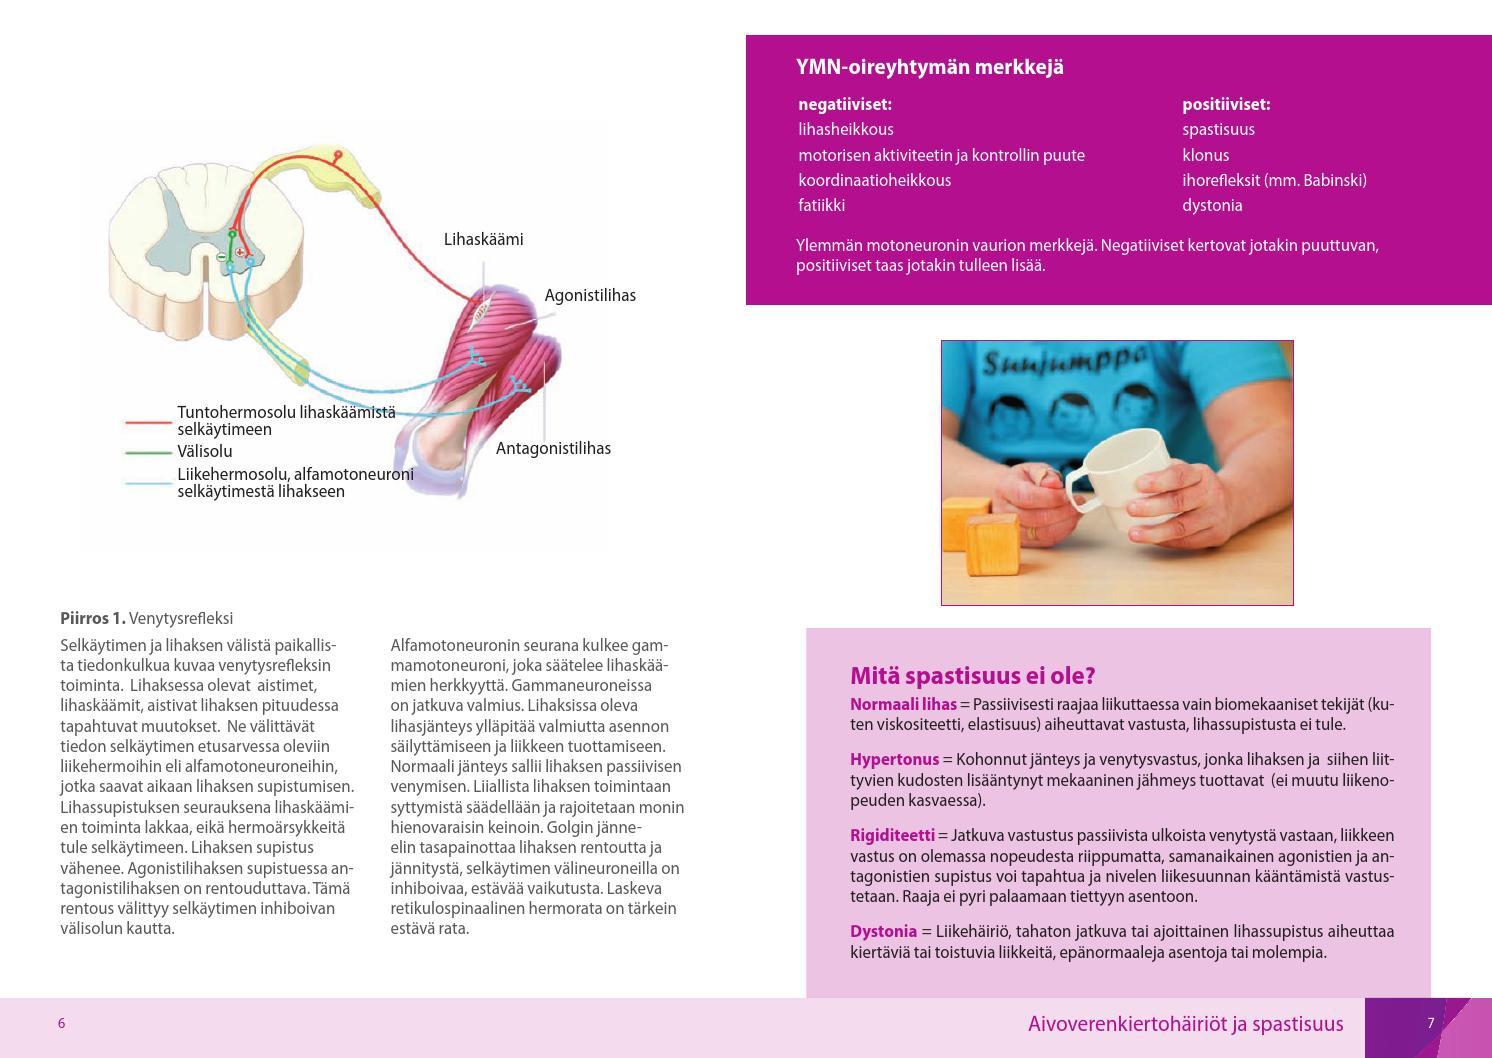 Gammamotoneuroni